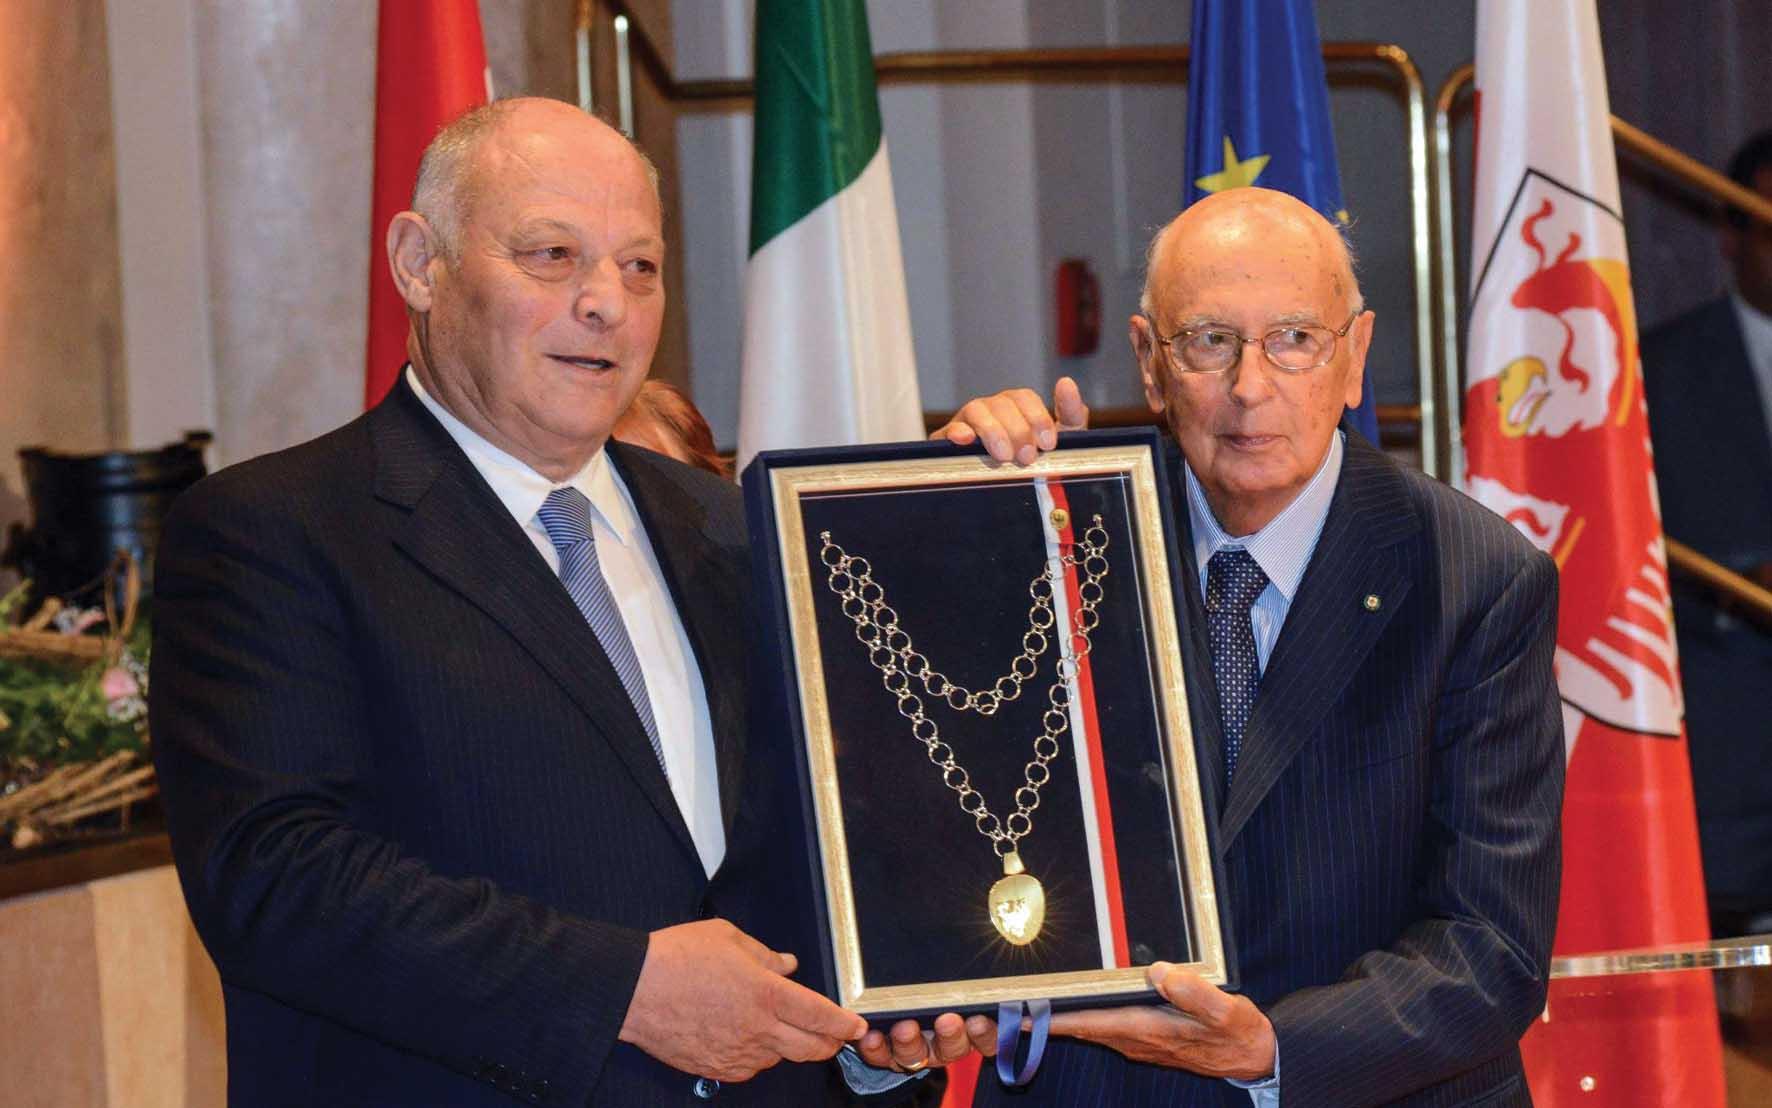 Festa autonomia 2012 Merano Luis Durnwalder Giorgio Napolitano medaglia 1